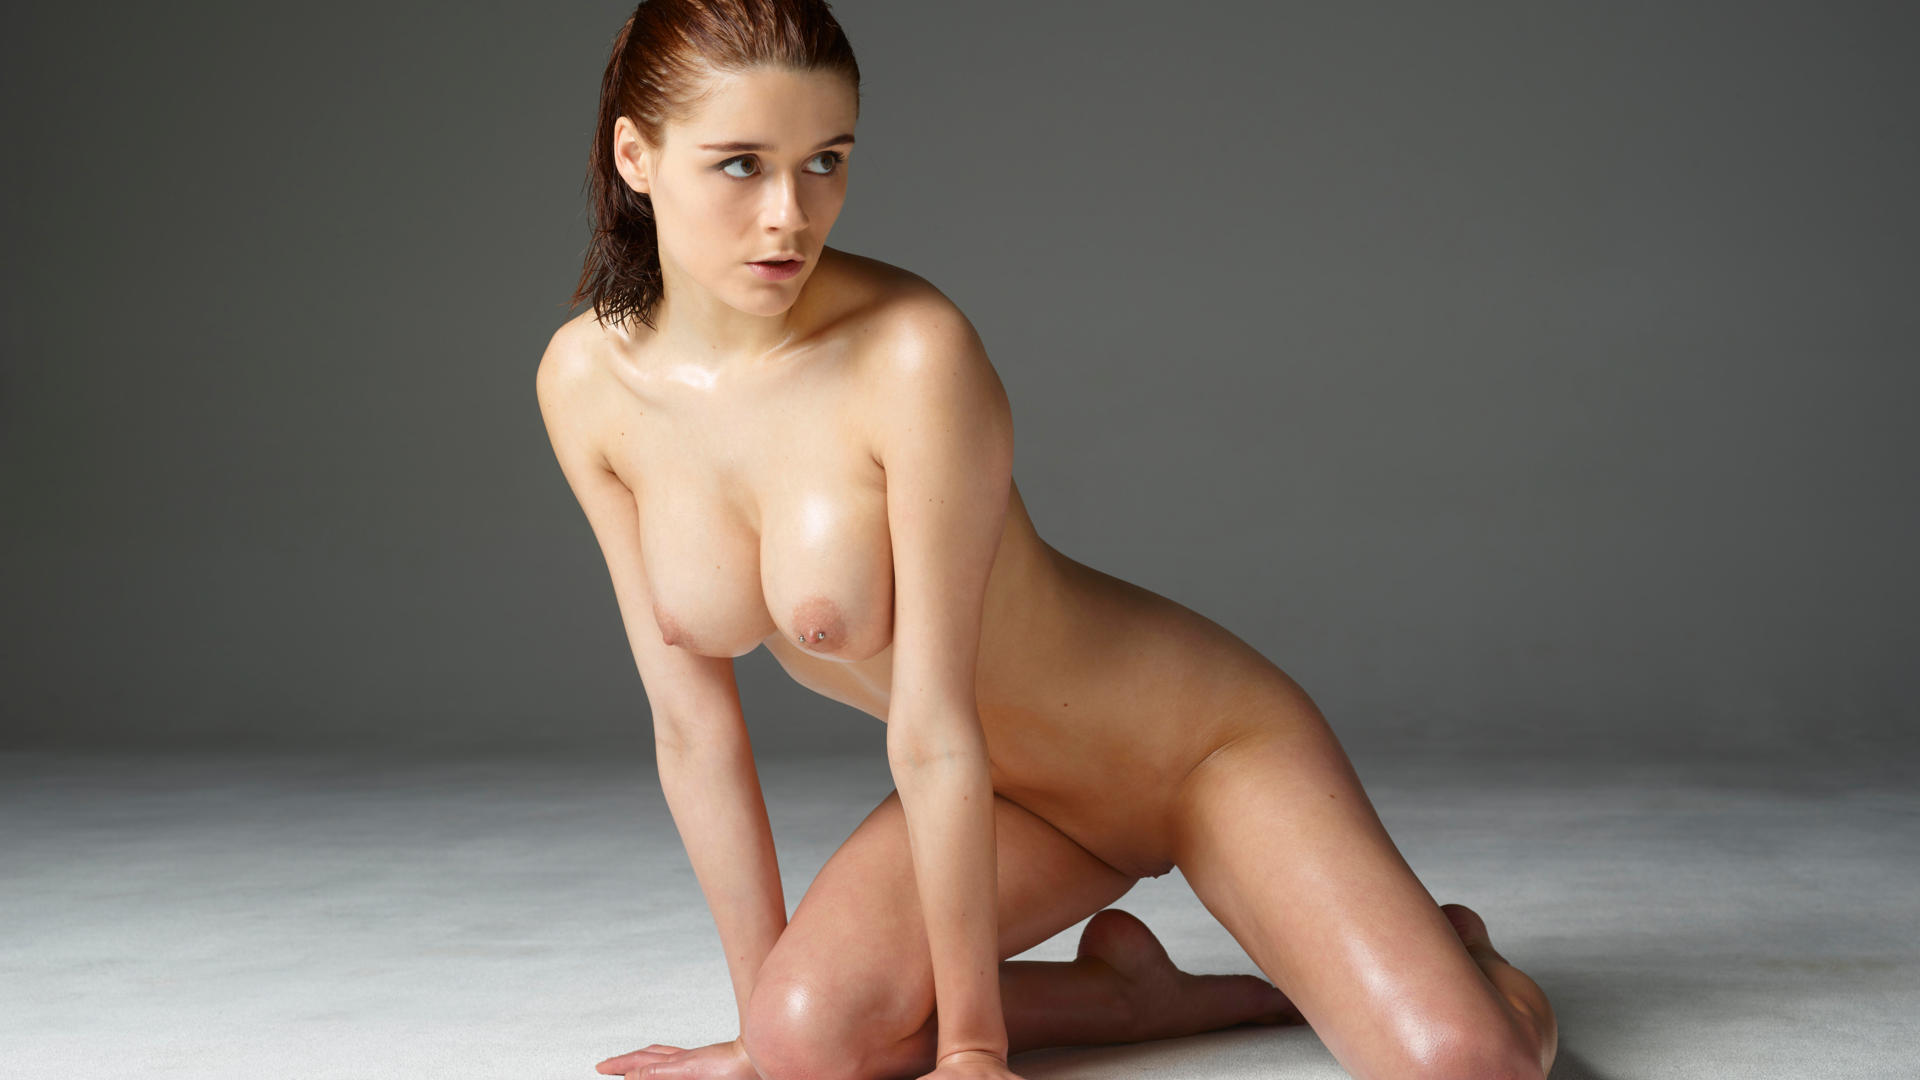 Interracial naked